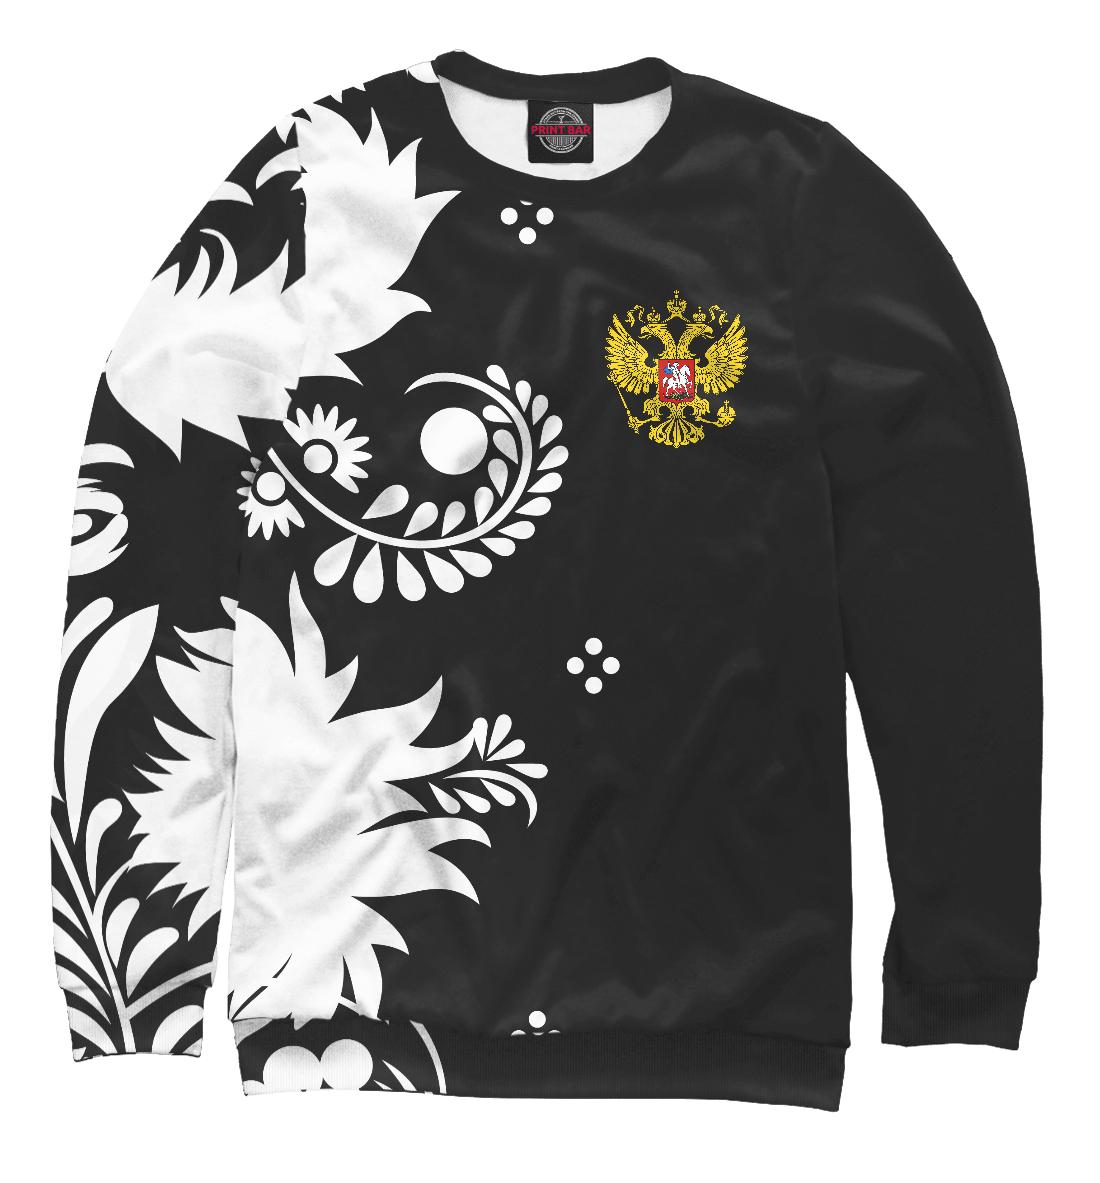 Купить Россия, Printbar, Свитшоты, RZN-539122-swi-1